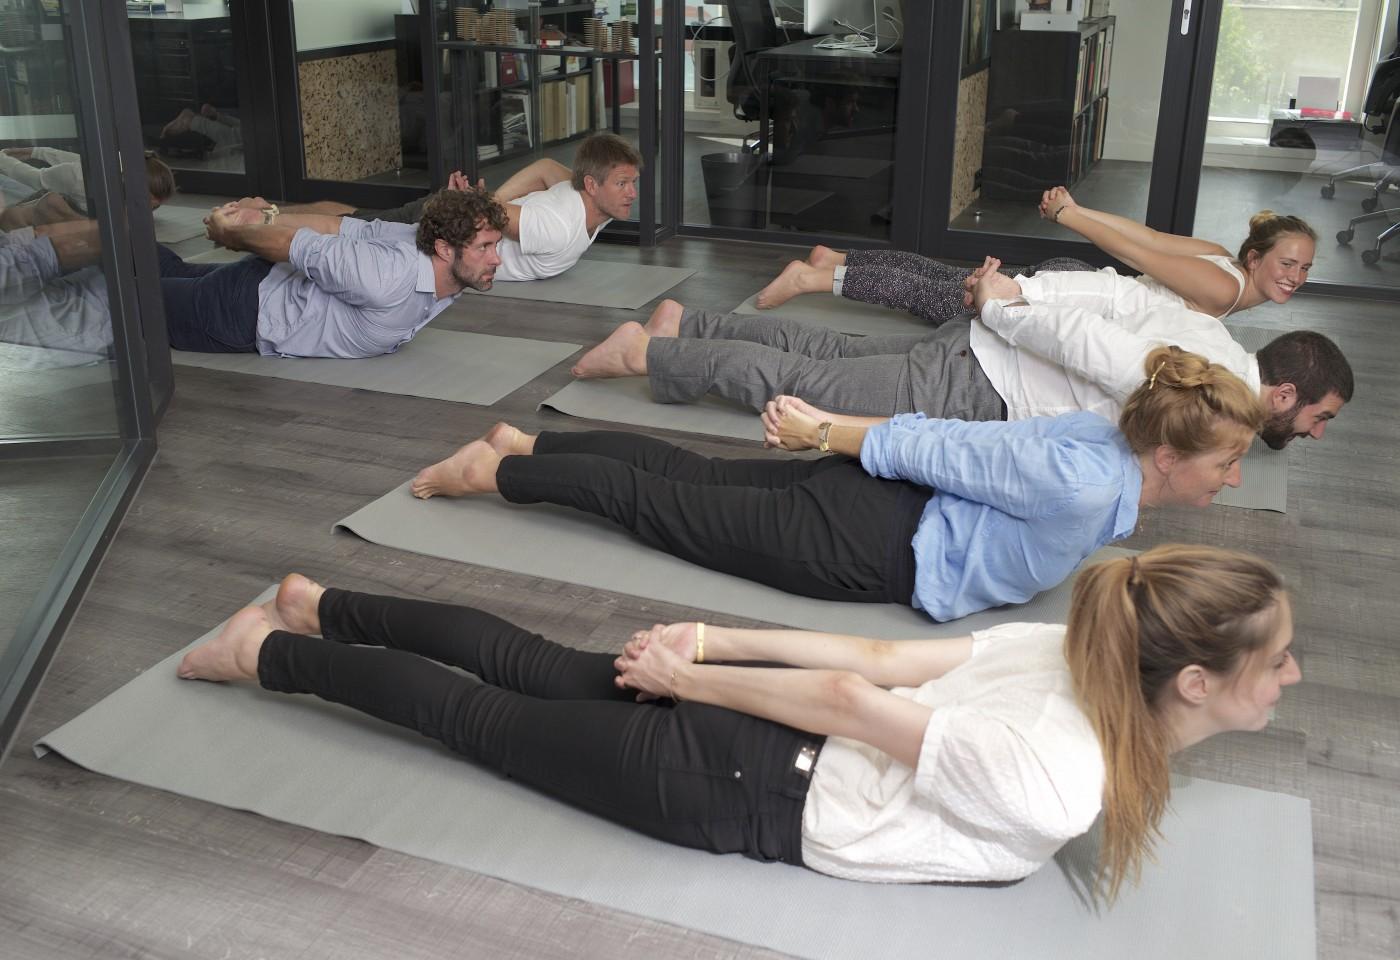 Yoga sur tapis cours entreprise yogiste